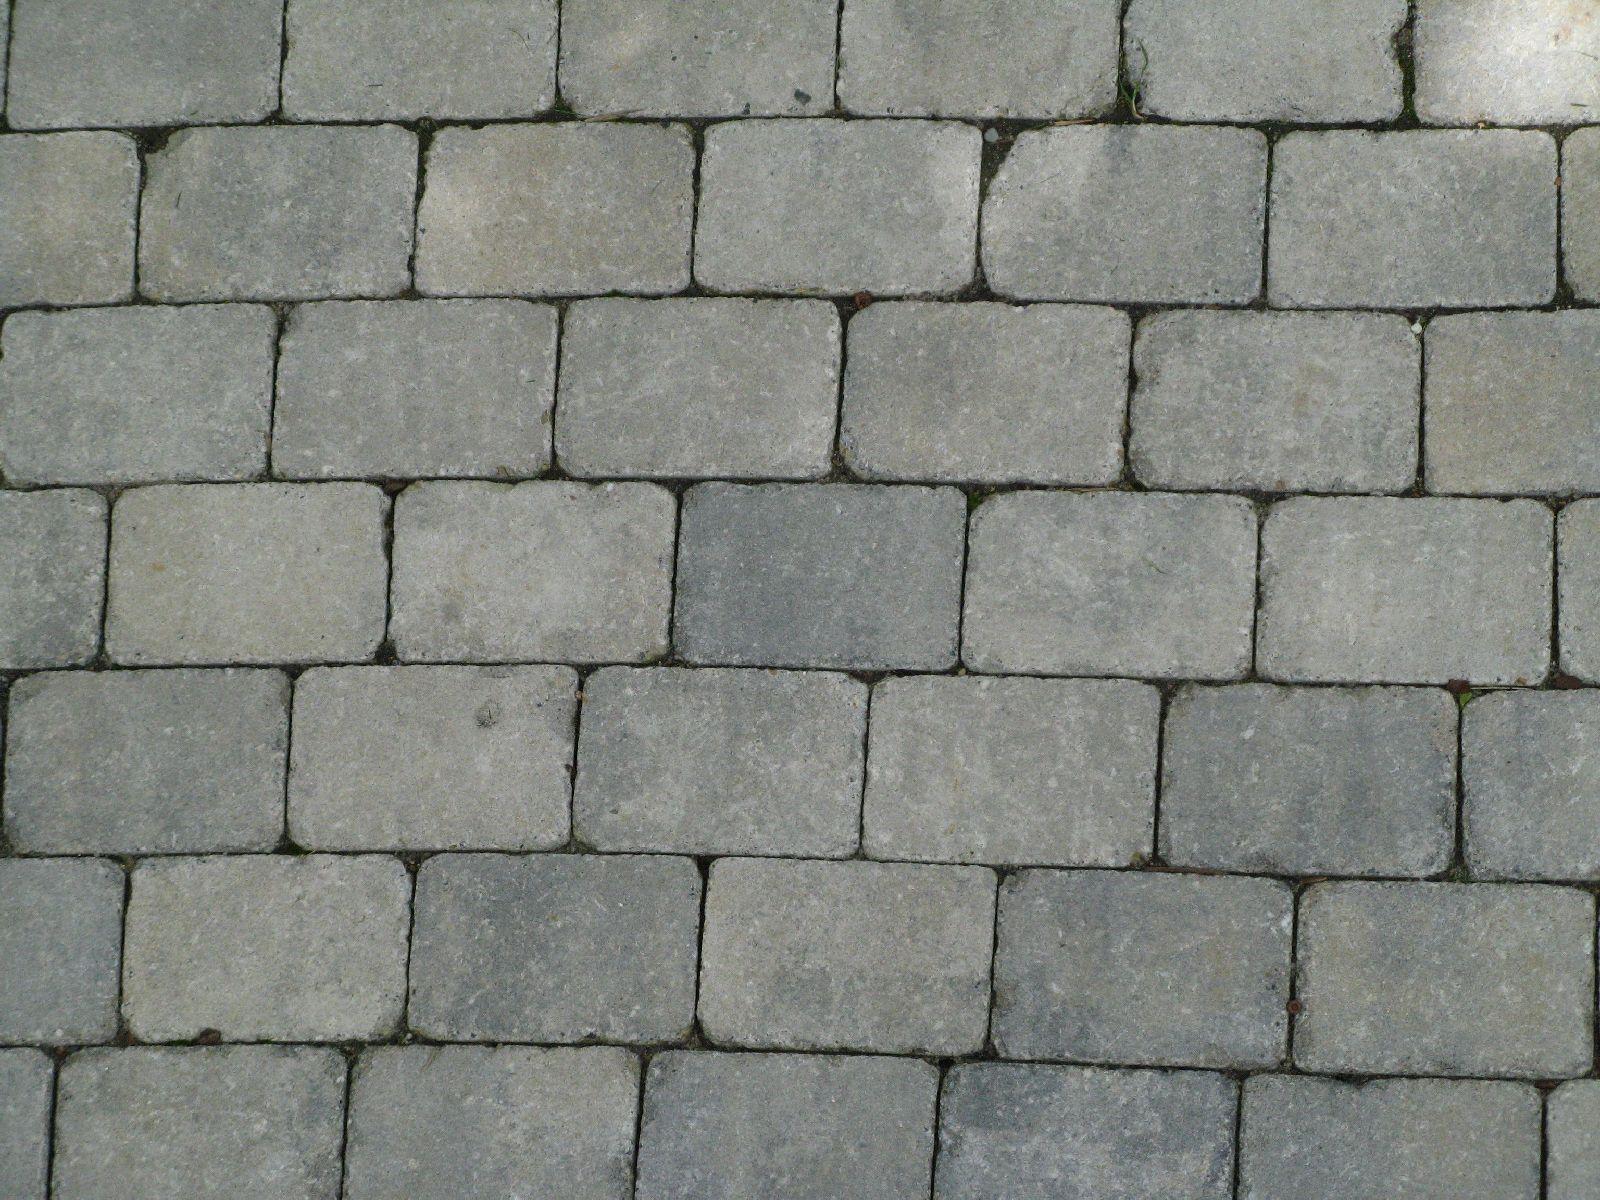 Boden-Gehweg-Strasse-Buergersteig-Textur_B_0563